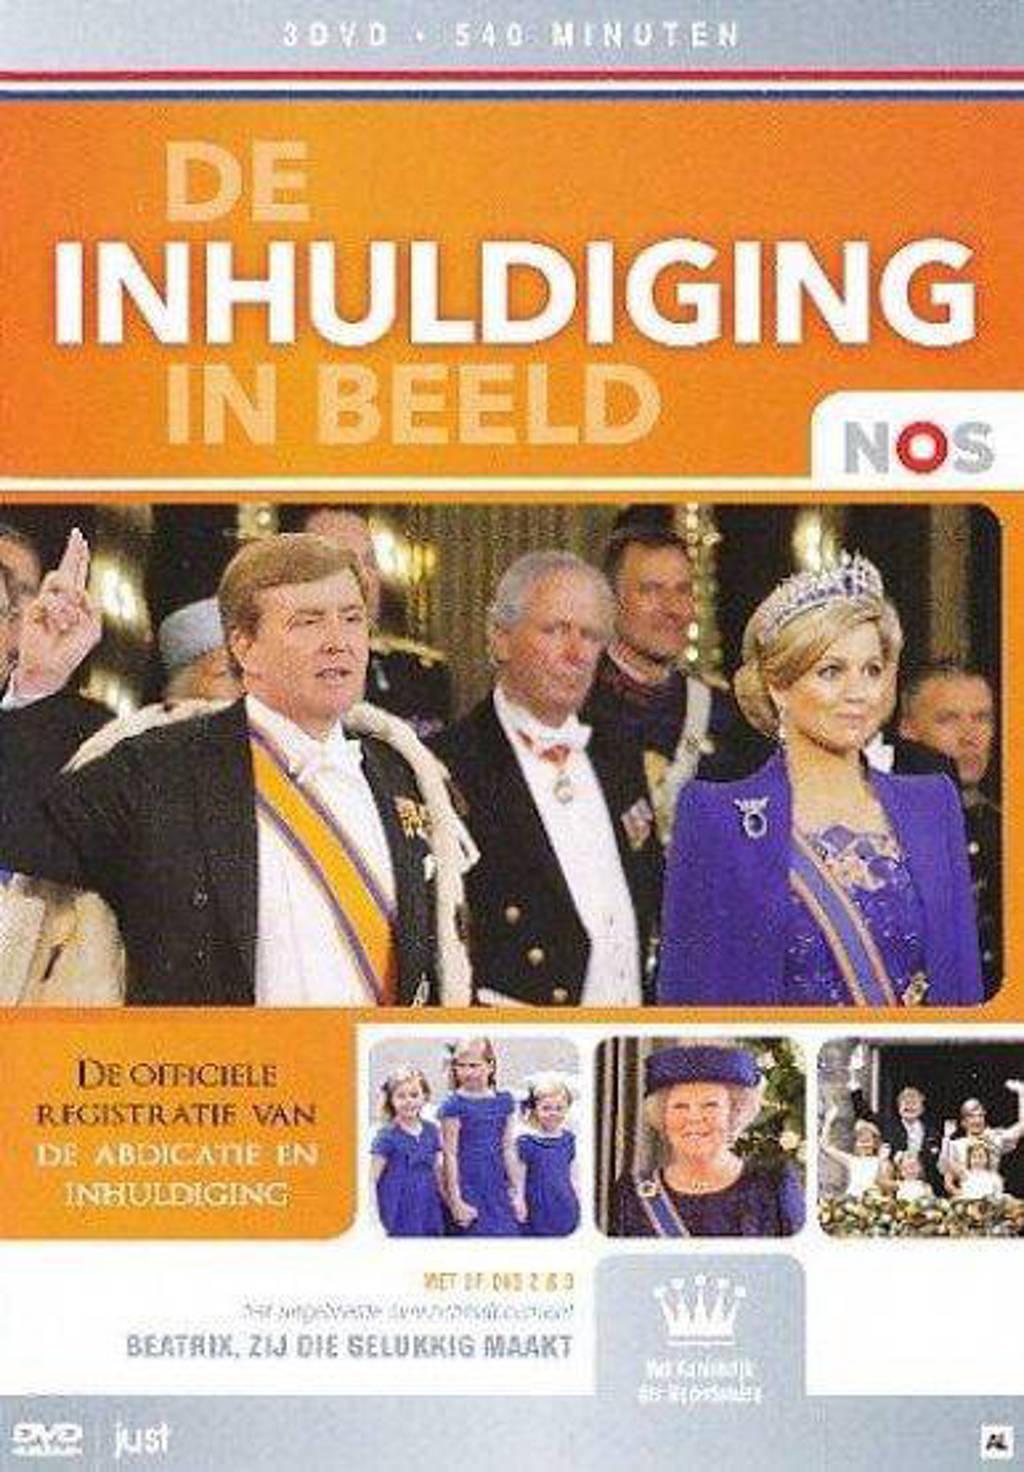 De inhuldiging in beeld (DVD)